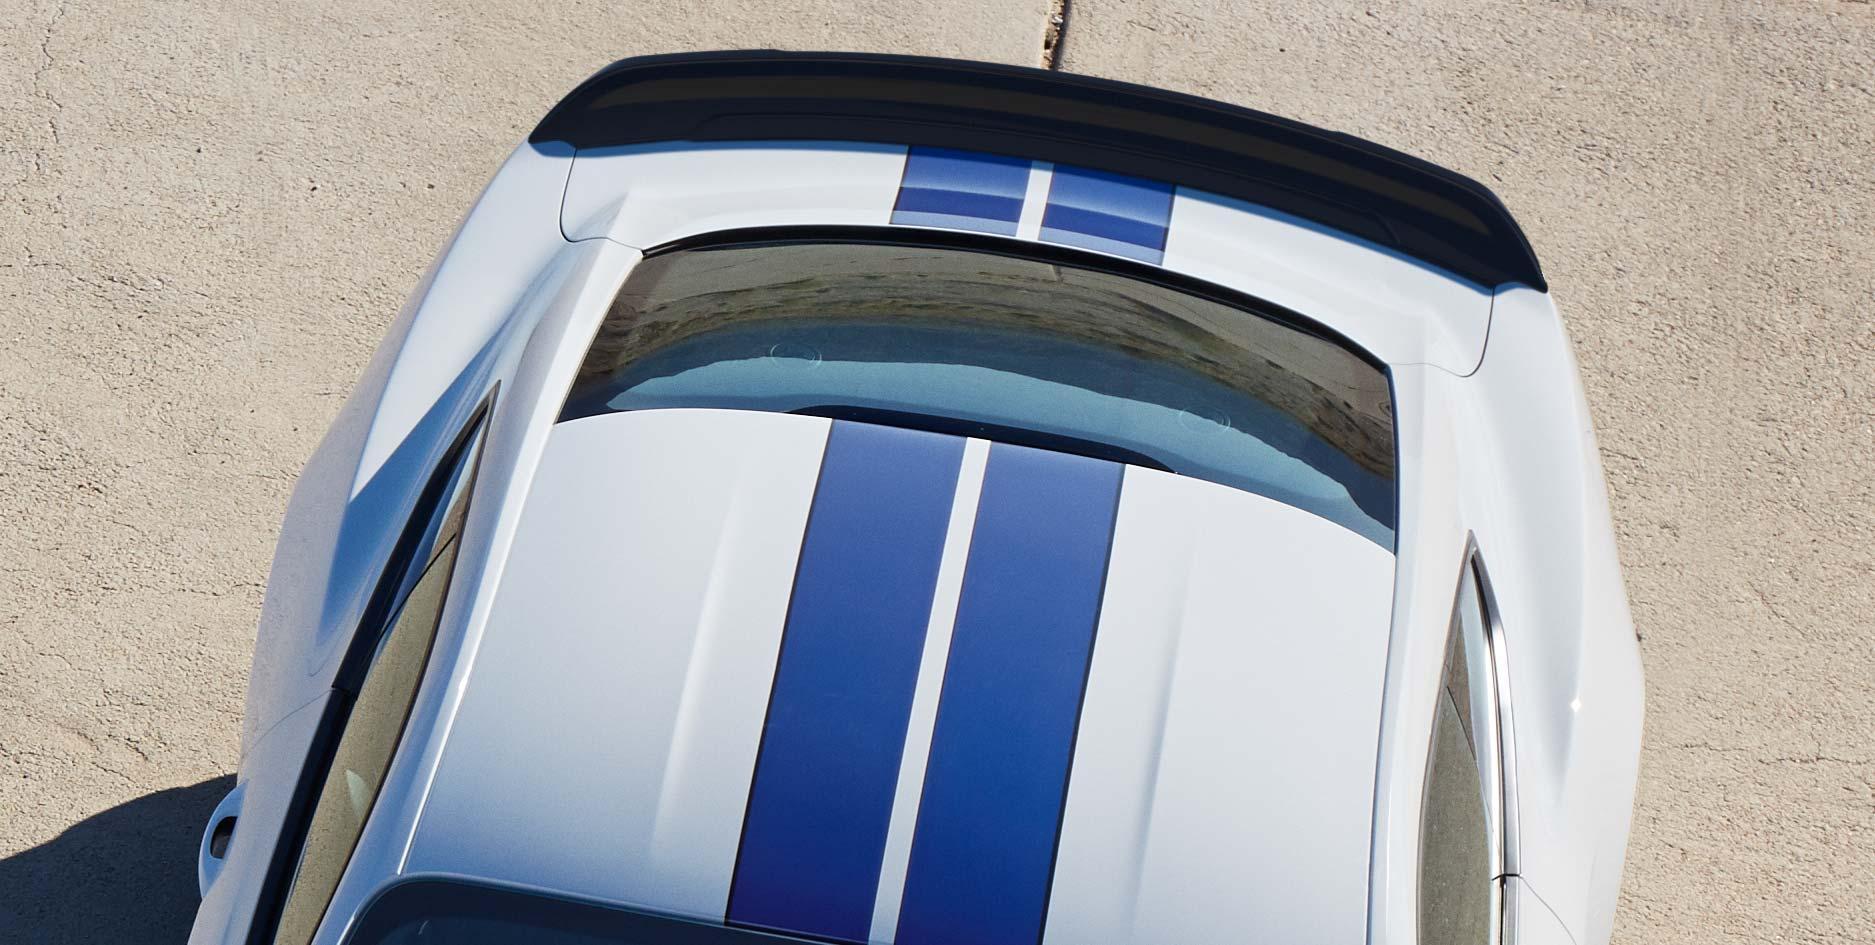 Shelby GT350 Spoiler